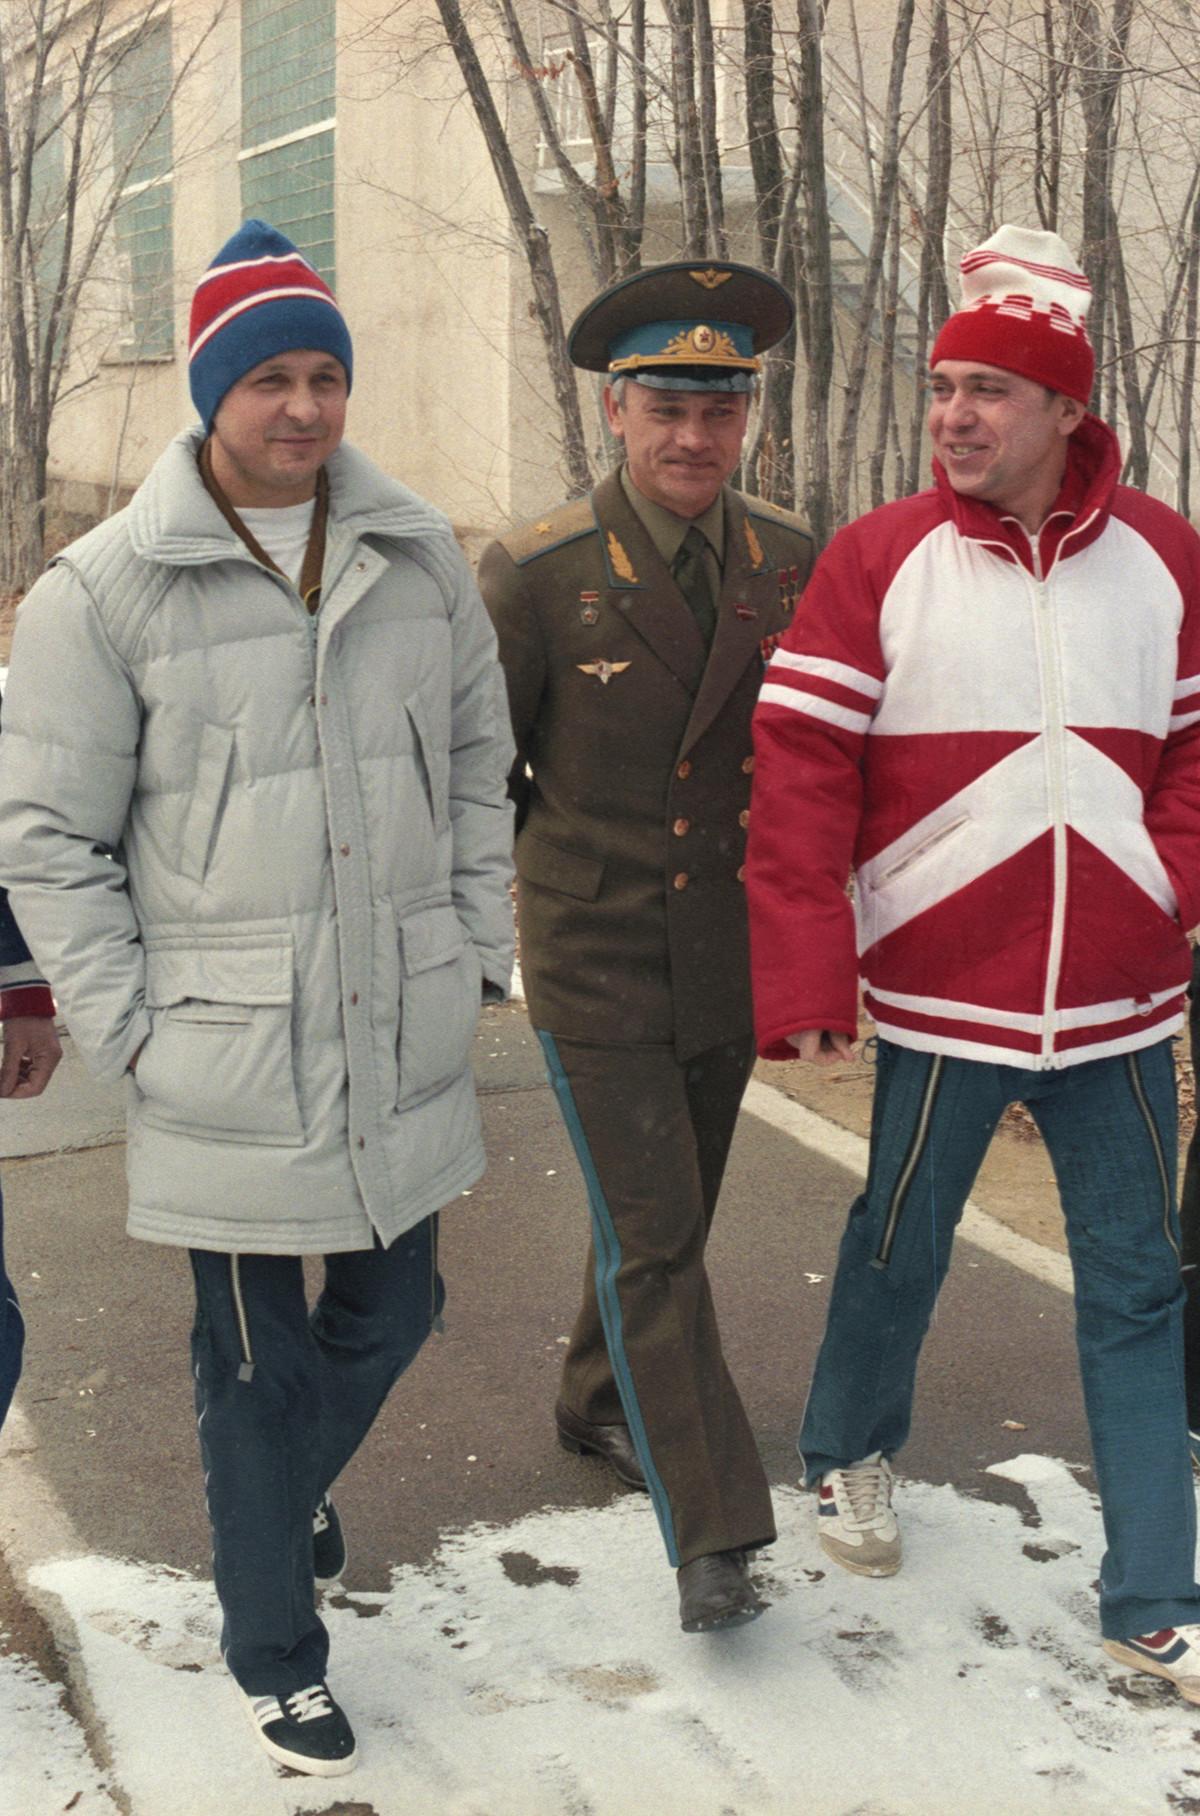 Les pilotes-cosmonautes d'URSS Viktor Savinykh, Vladimir Djanibekov et Alexandre Volkov (de gauche à droite) lors d'une promenade à Baïkonour, au Kazakhstan soviétique, le 23 novembre 1985